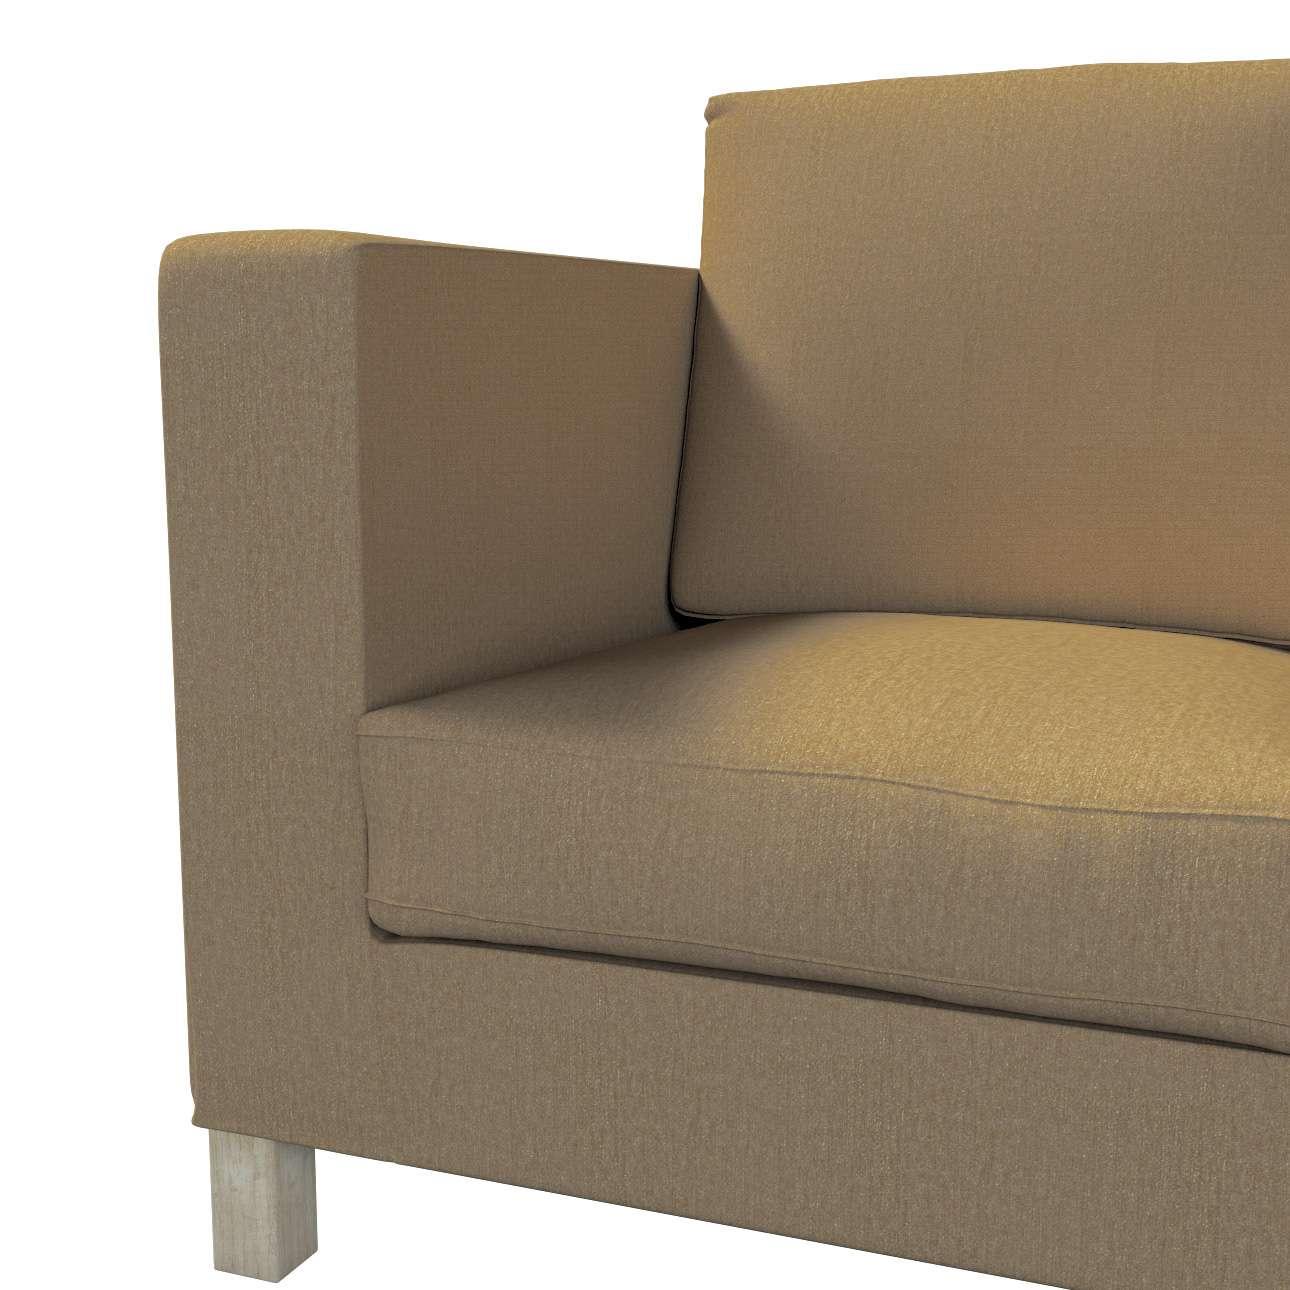 Potah na pohovku IKEA  Karlanda 3-místná nerozkládací, krátký v kolekci Chenille, látka: 702-21